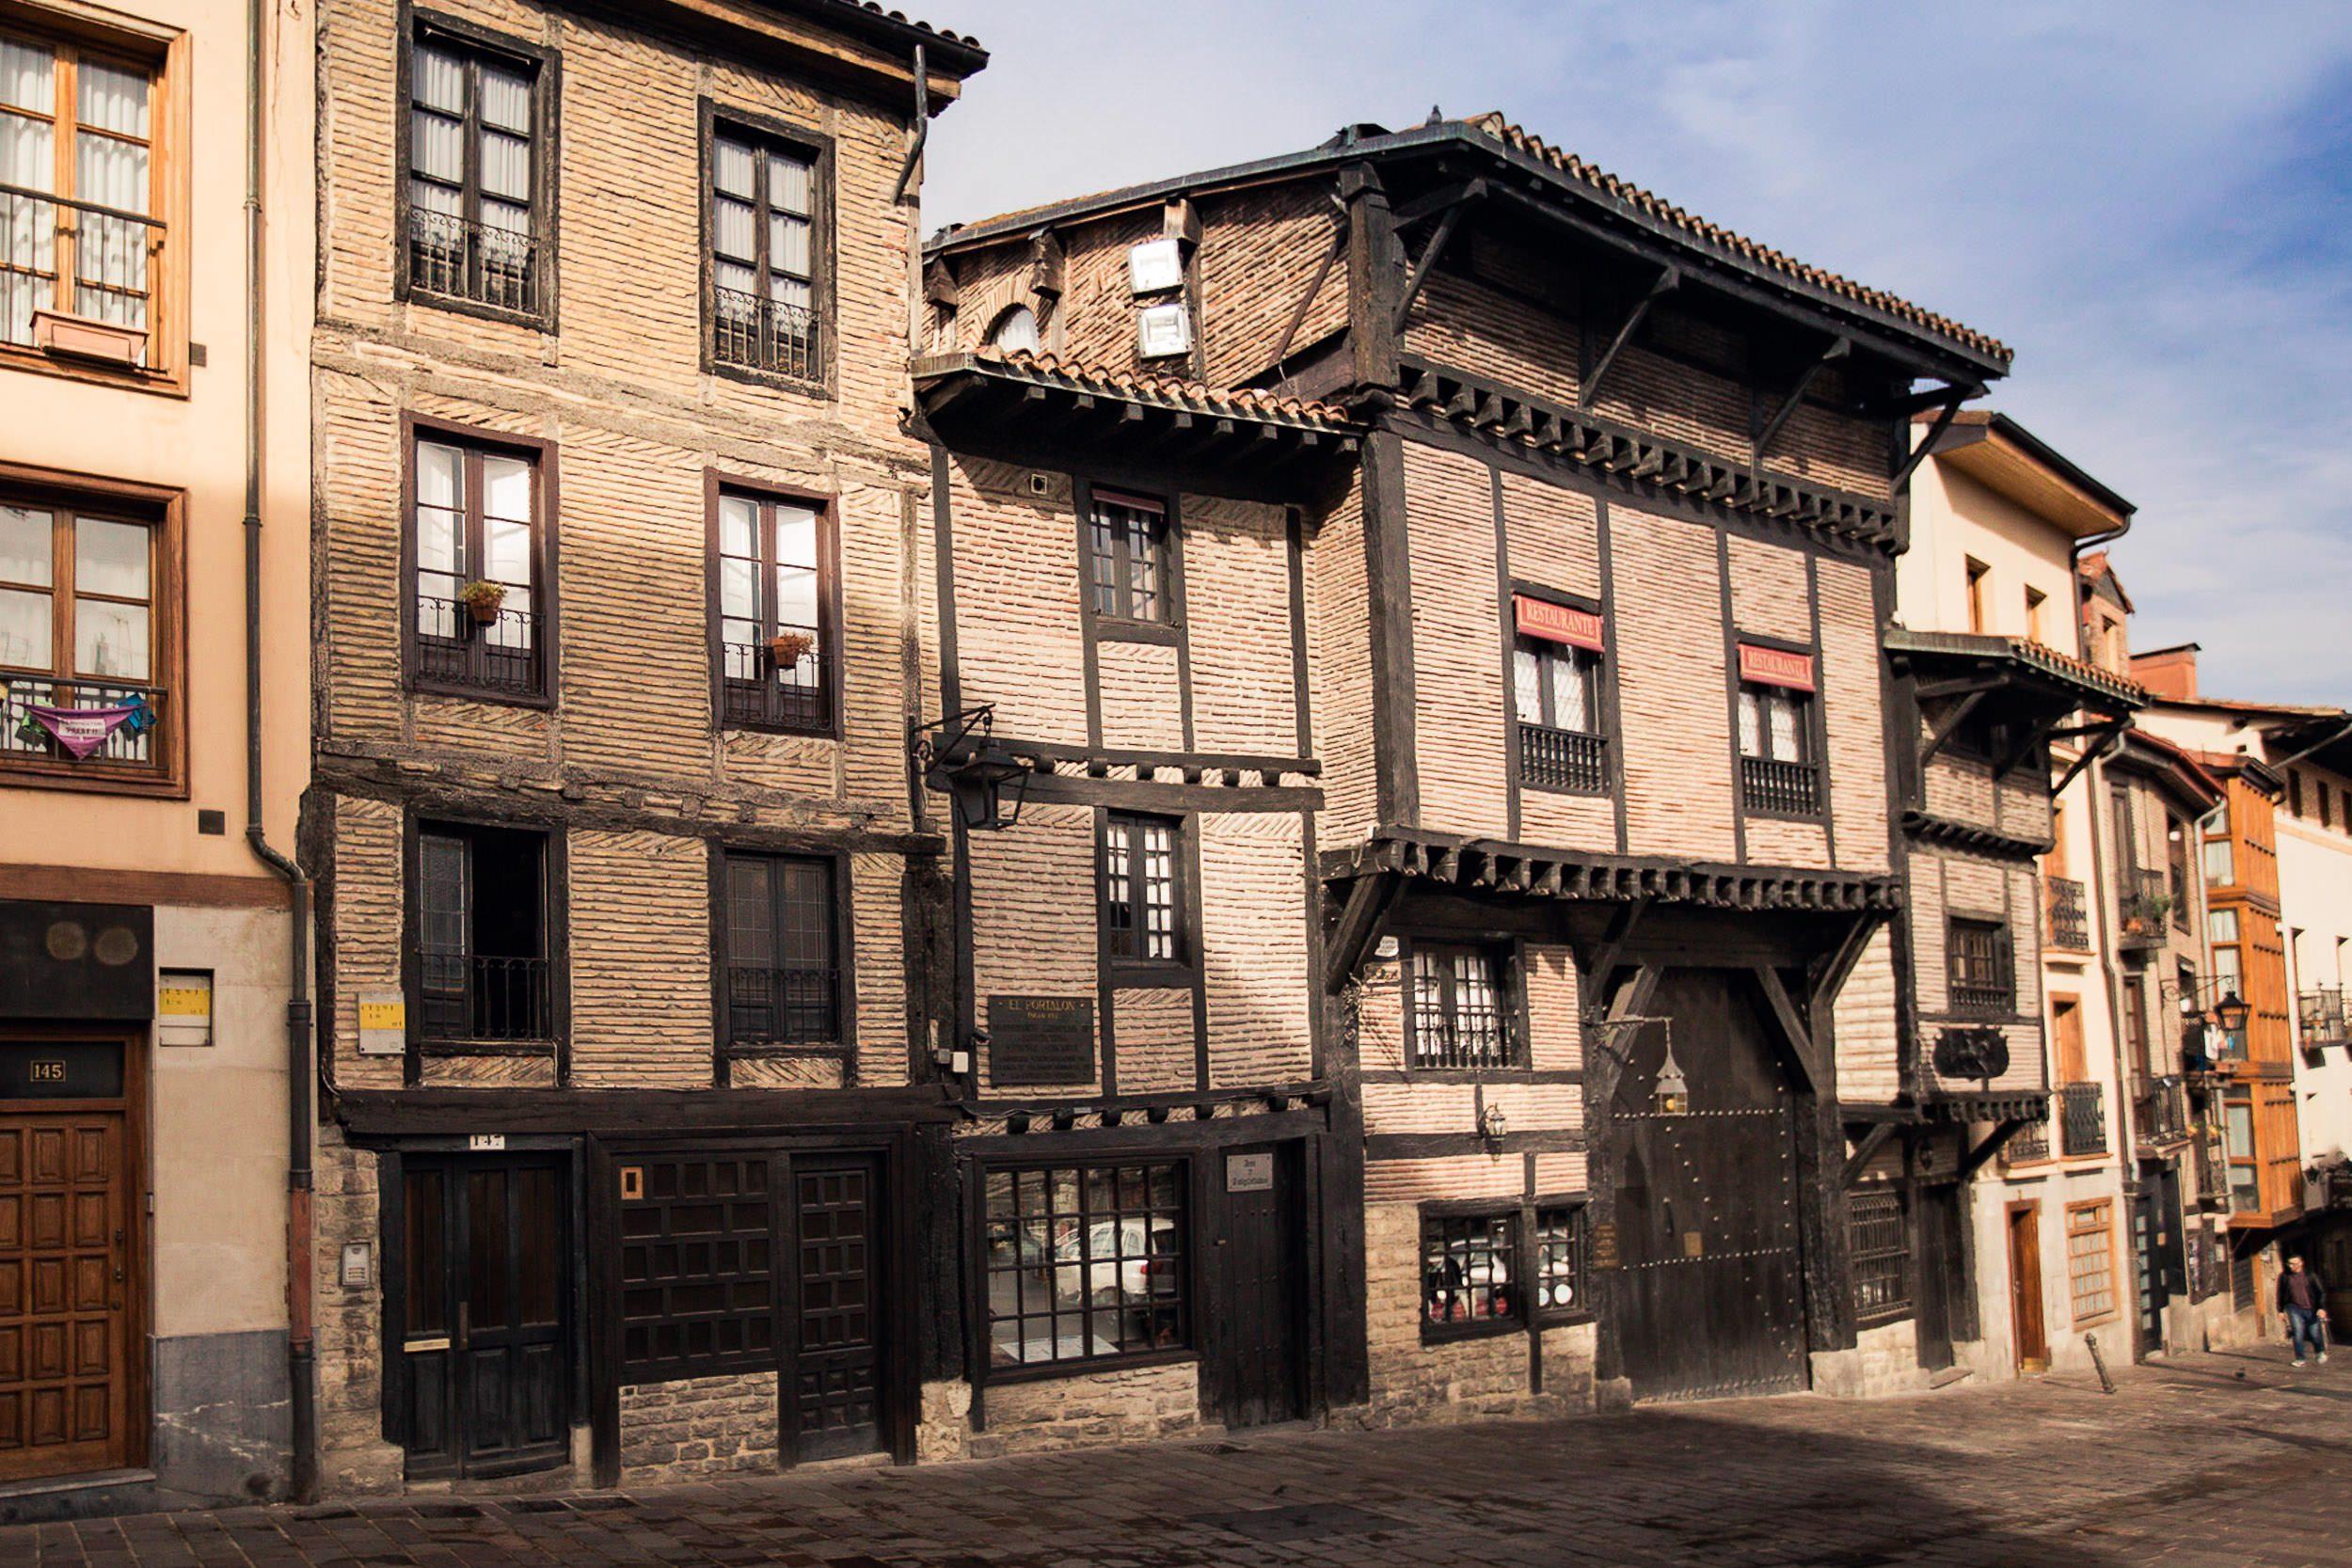 Basque+Country+Food+El+Portalon+Restaurant